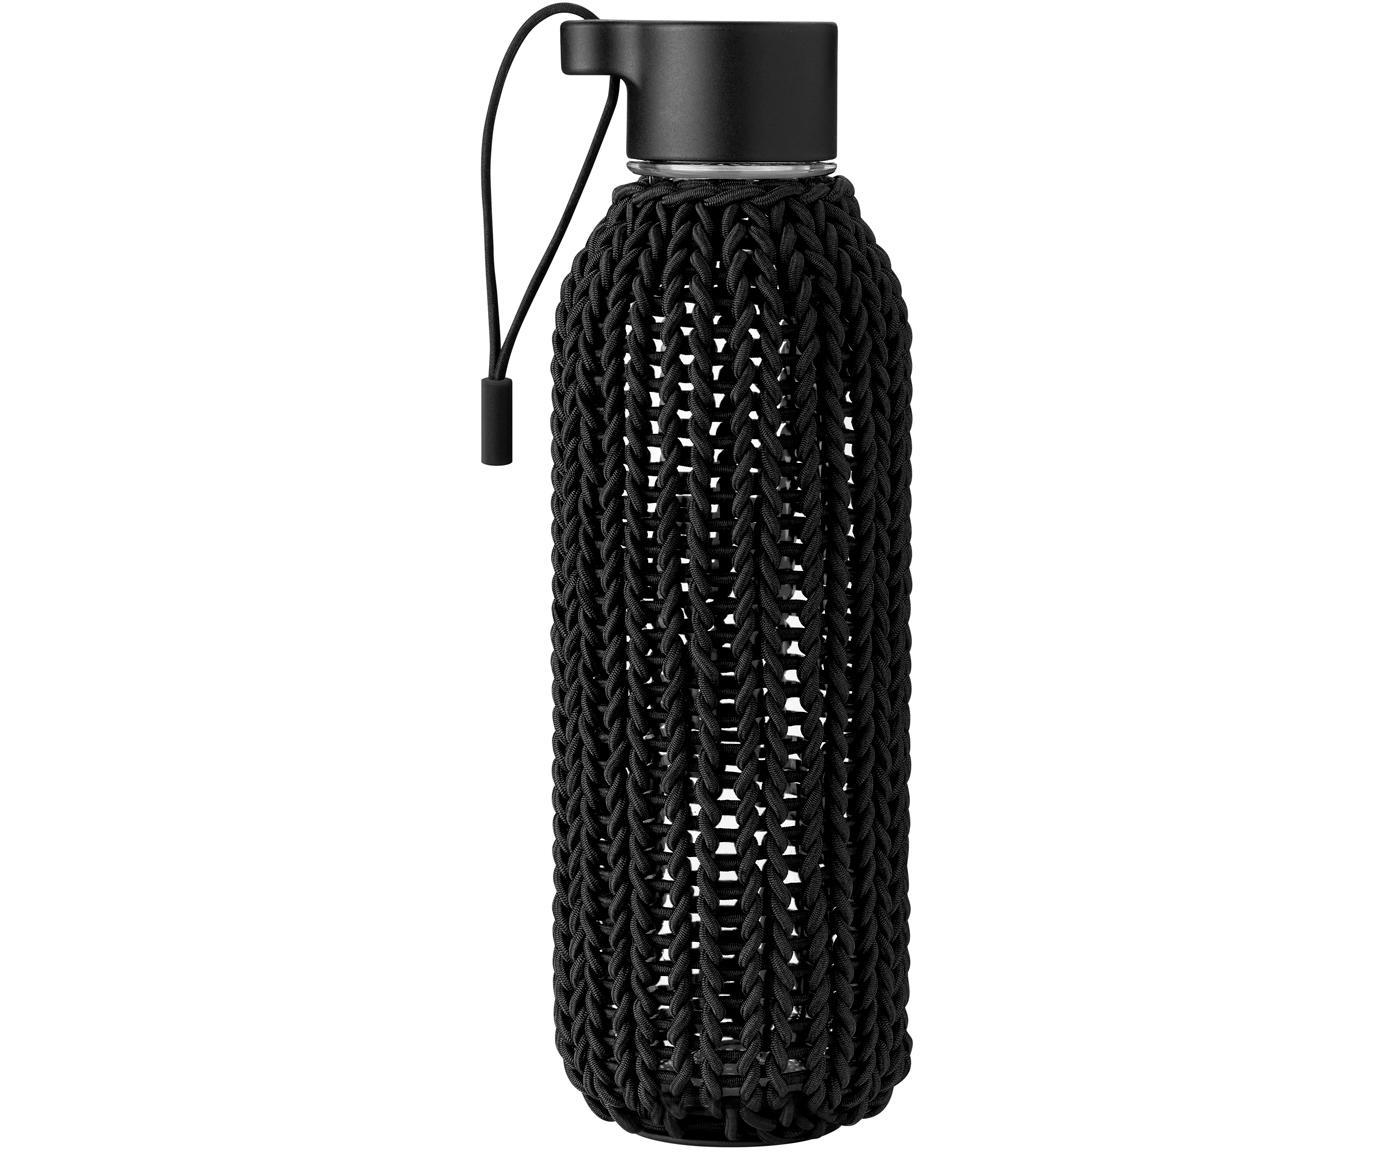 Botella Catch-It, Botella: Tritan, polipropileno., Funda: cordón de caucho recubier, Negro, transparente, 600 ml